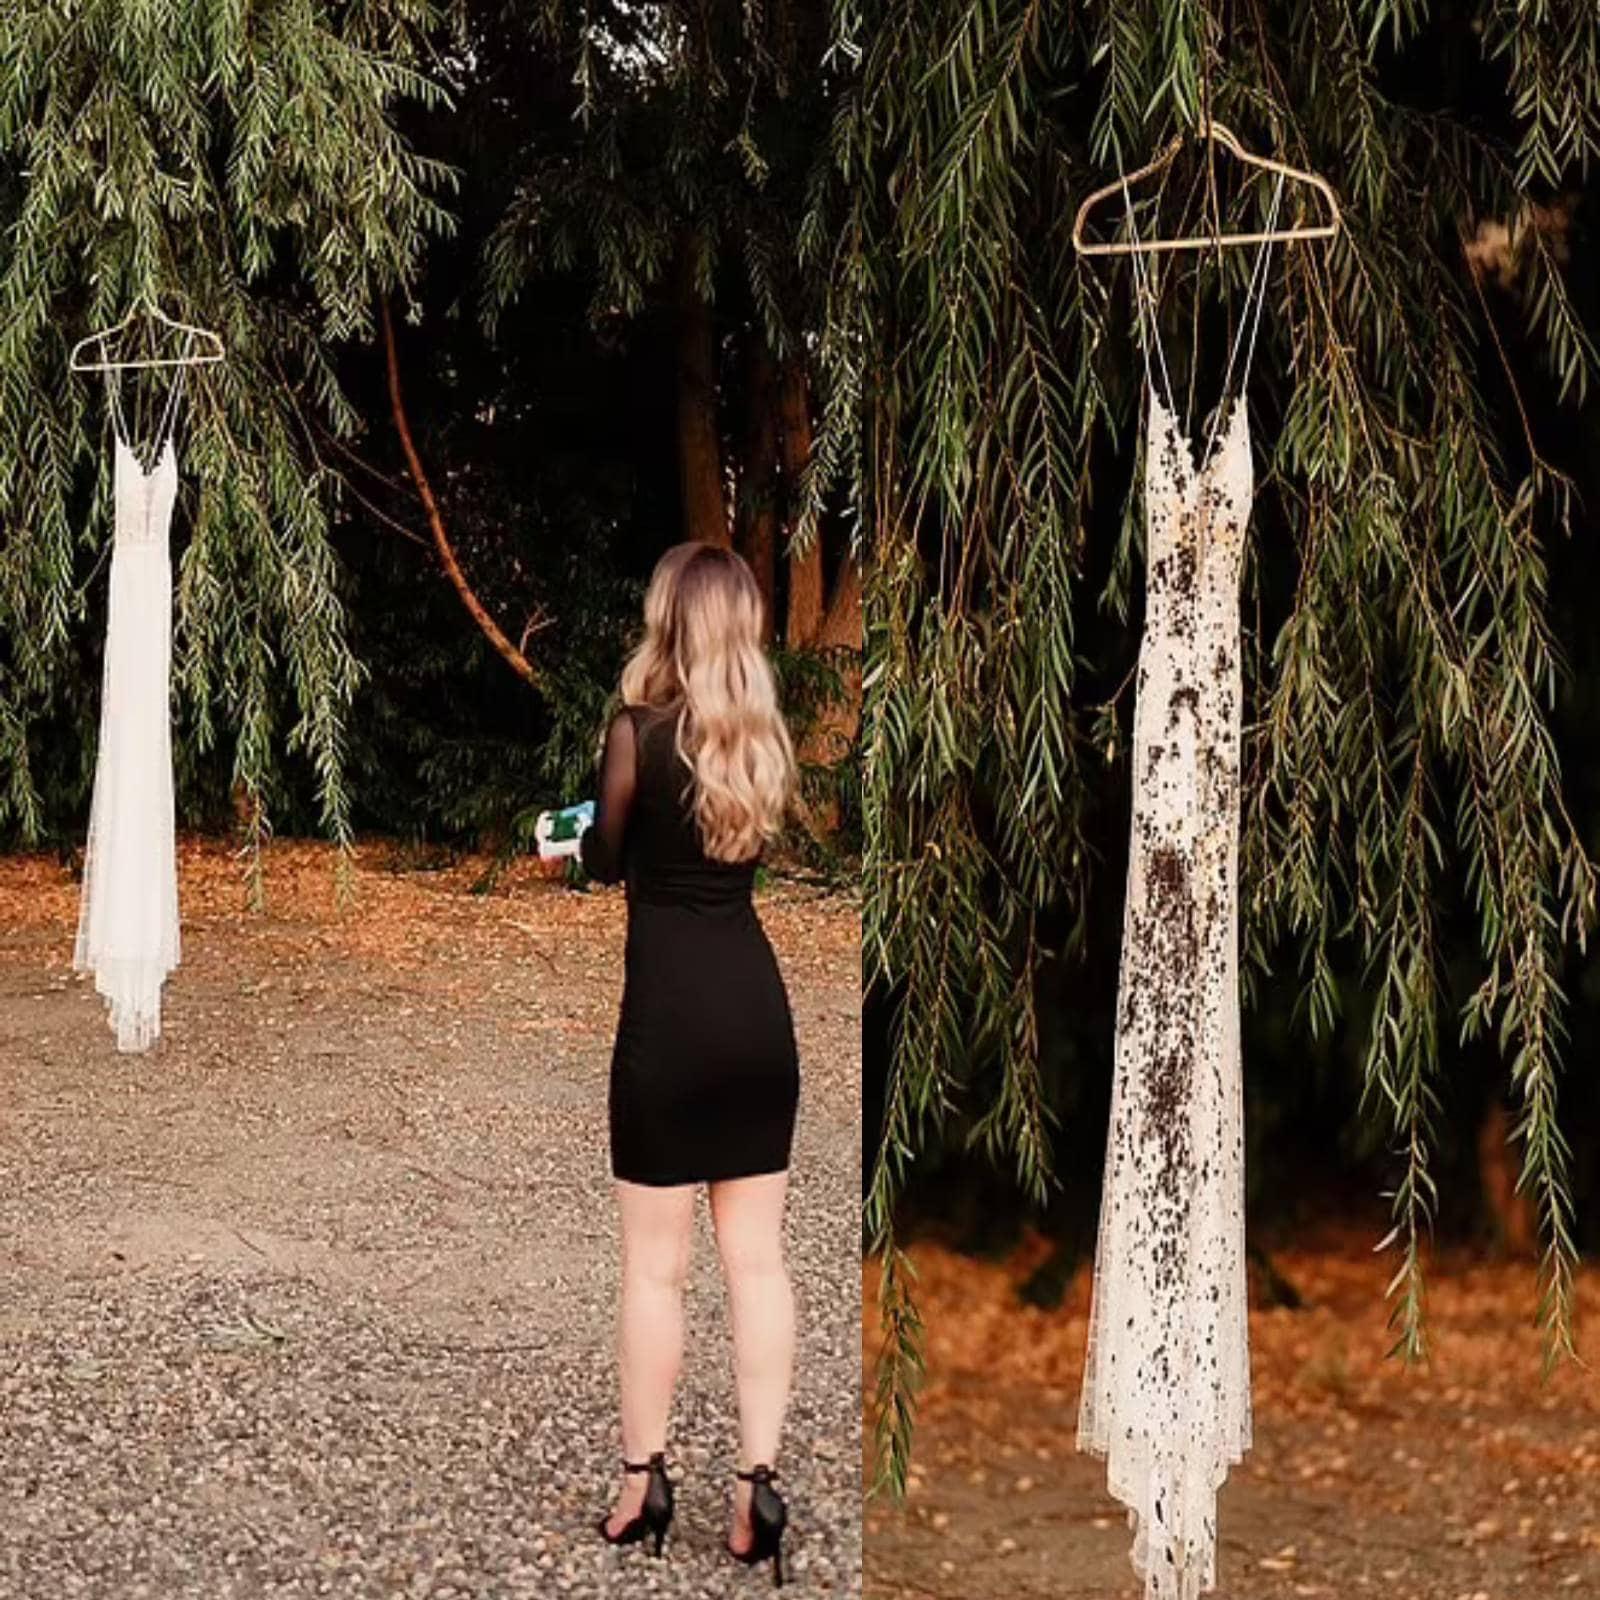 Un Engagement Photoshoot के नाम से उन्होंने इस शूट को ब्रांड किया था. मेटा ने ब्लैक ड्रेस में सजकर अपनी इंगेजमेंट ड्रेस को टांगा और उसे काले पेंट से स्प्रे कर डाला. पेशे से डेंटल हाइजीनिस्ट मेटा ने इसे दिल तोड़ देने वाले हालात में सशक्तीकरण का नाम दिया है.